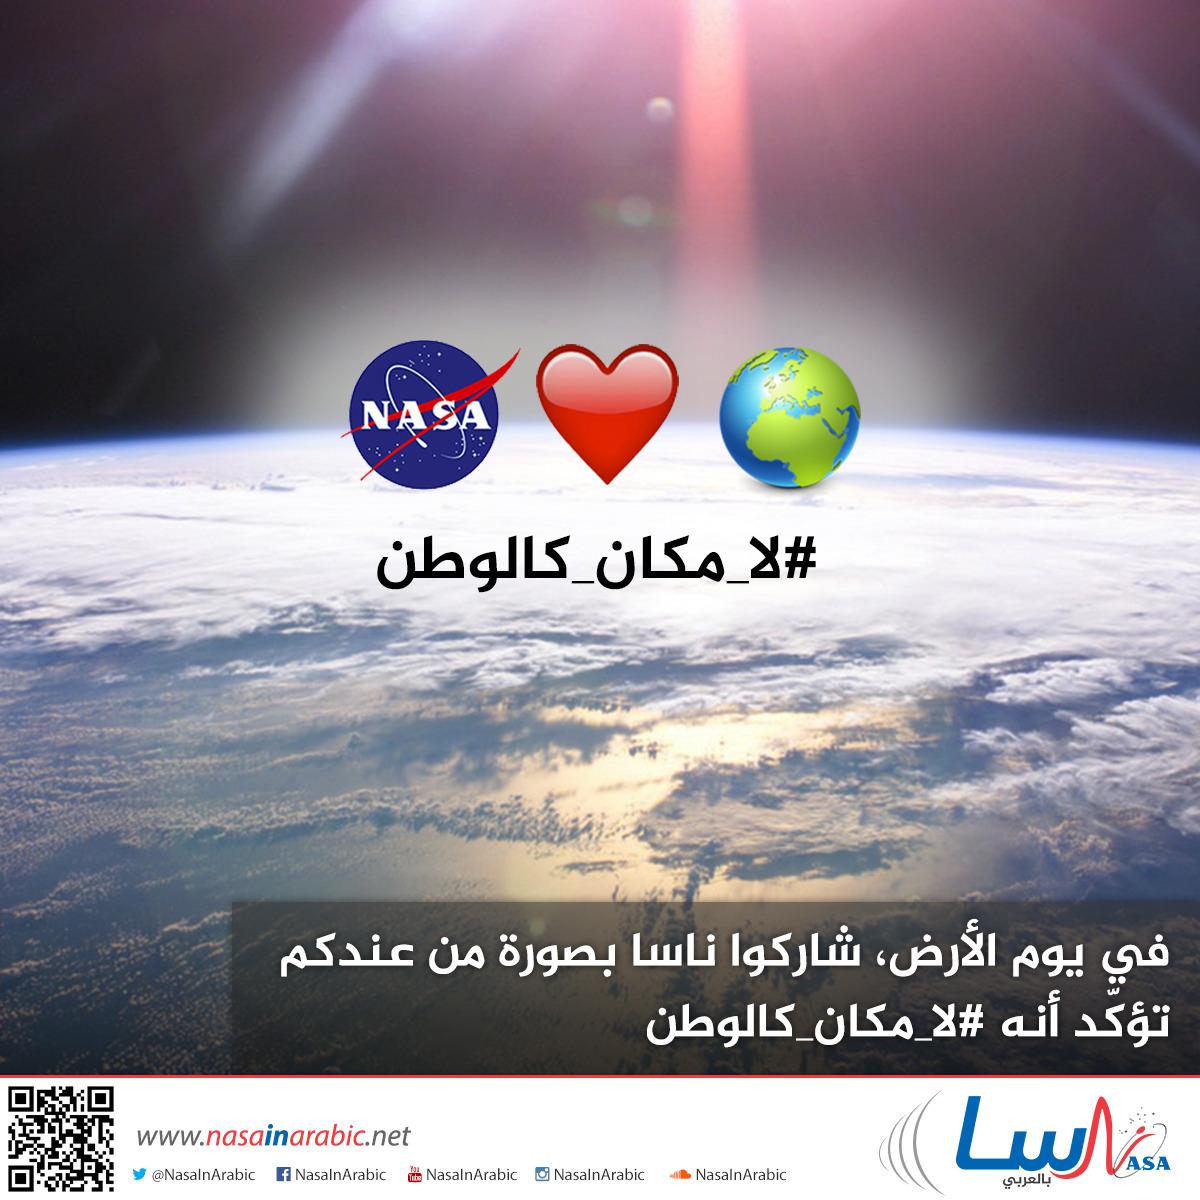 في يوم الأرض، شاركوا ناسا بصورة من عندكم تؤكّد أنه #لا مكان كالوطن